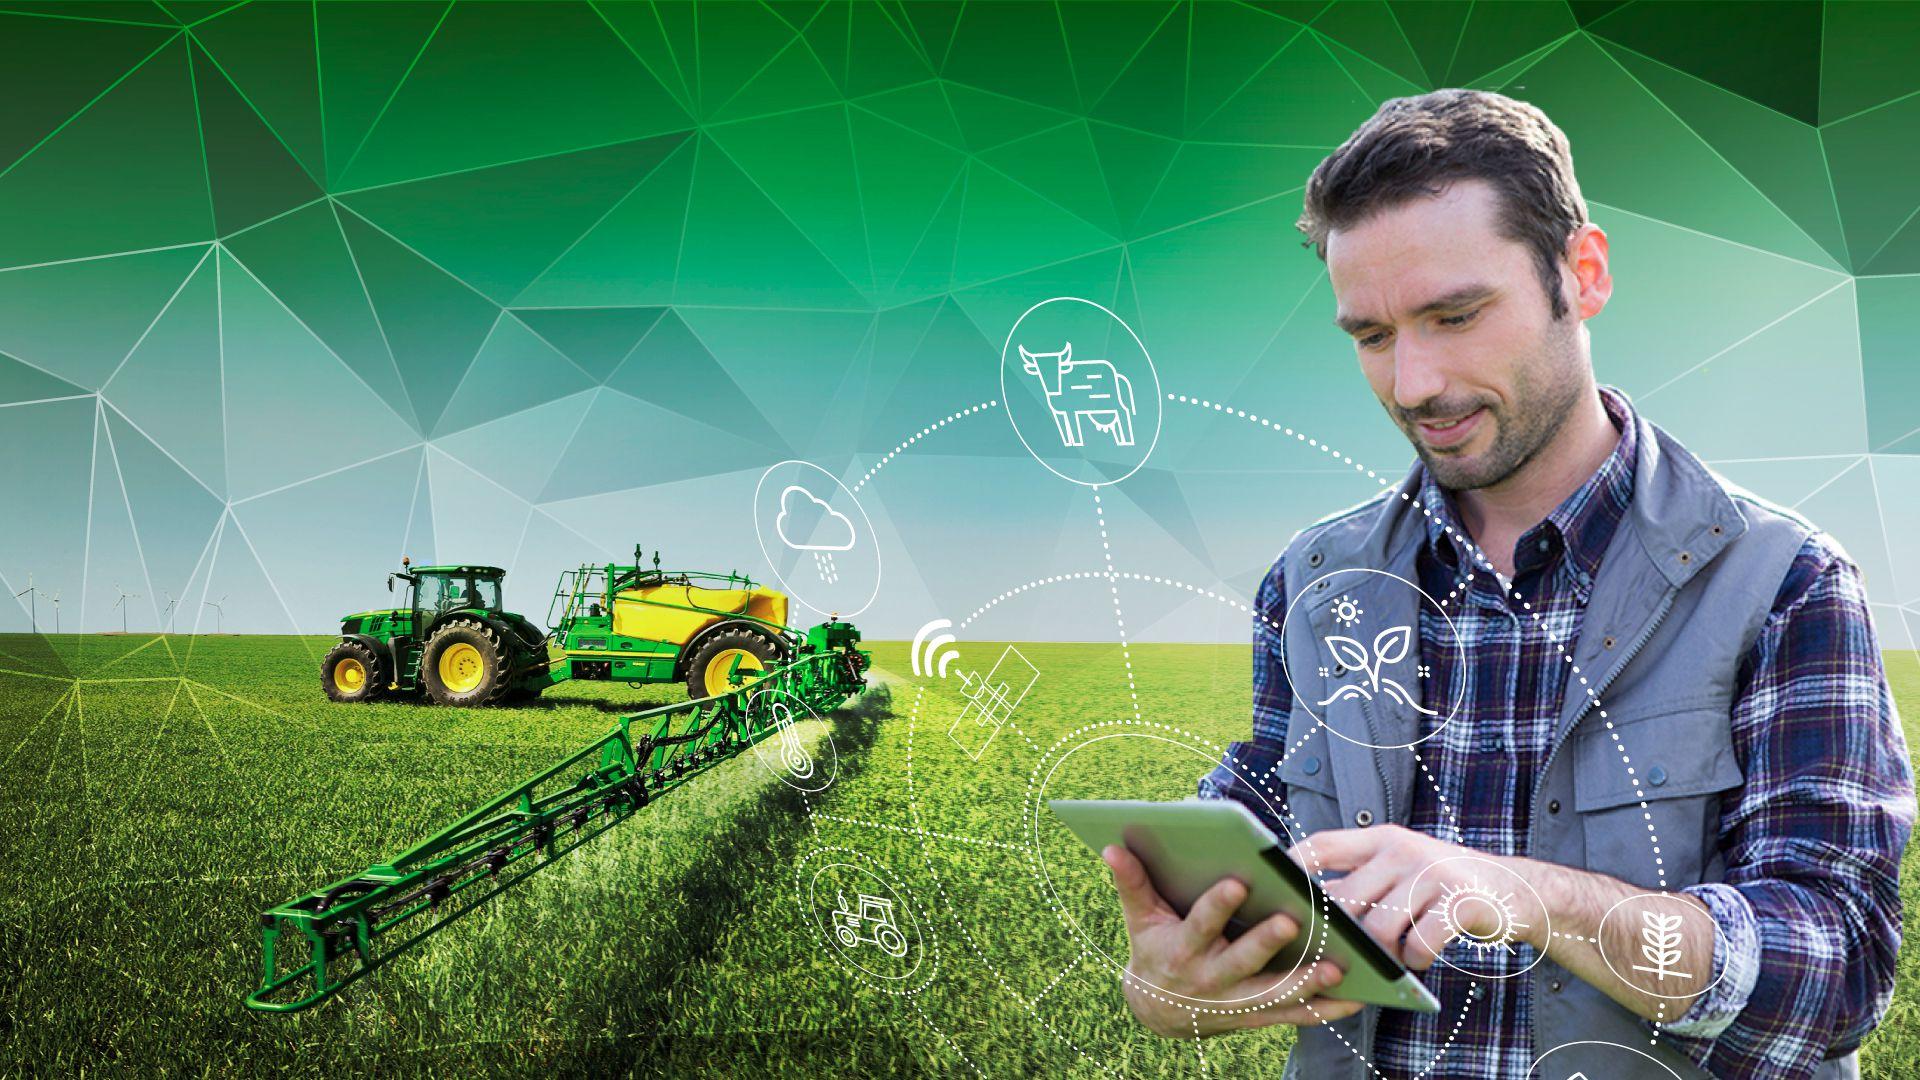 El Grupo Los Grobo presentó su plataforma digital. Las nuevas tecnologías siguen irrumpiendo en el mundo agropecuario